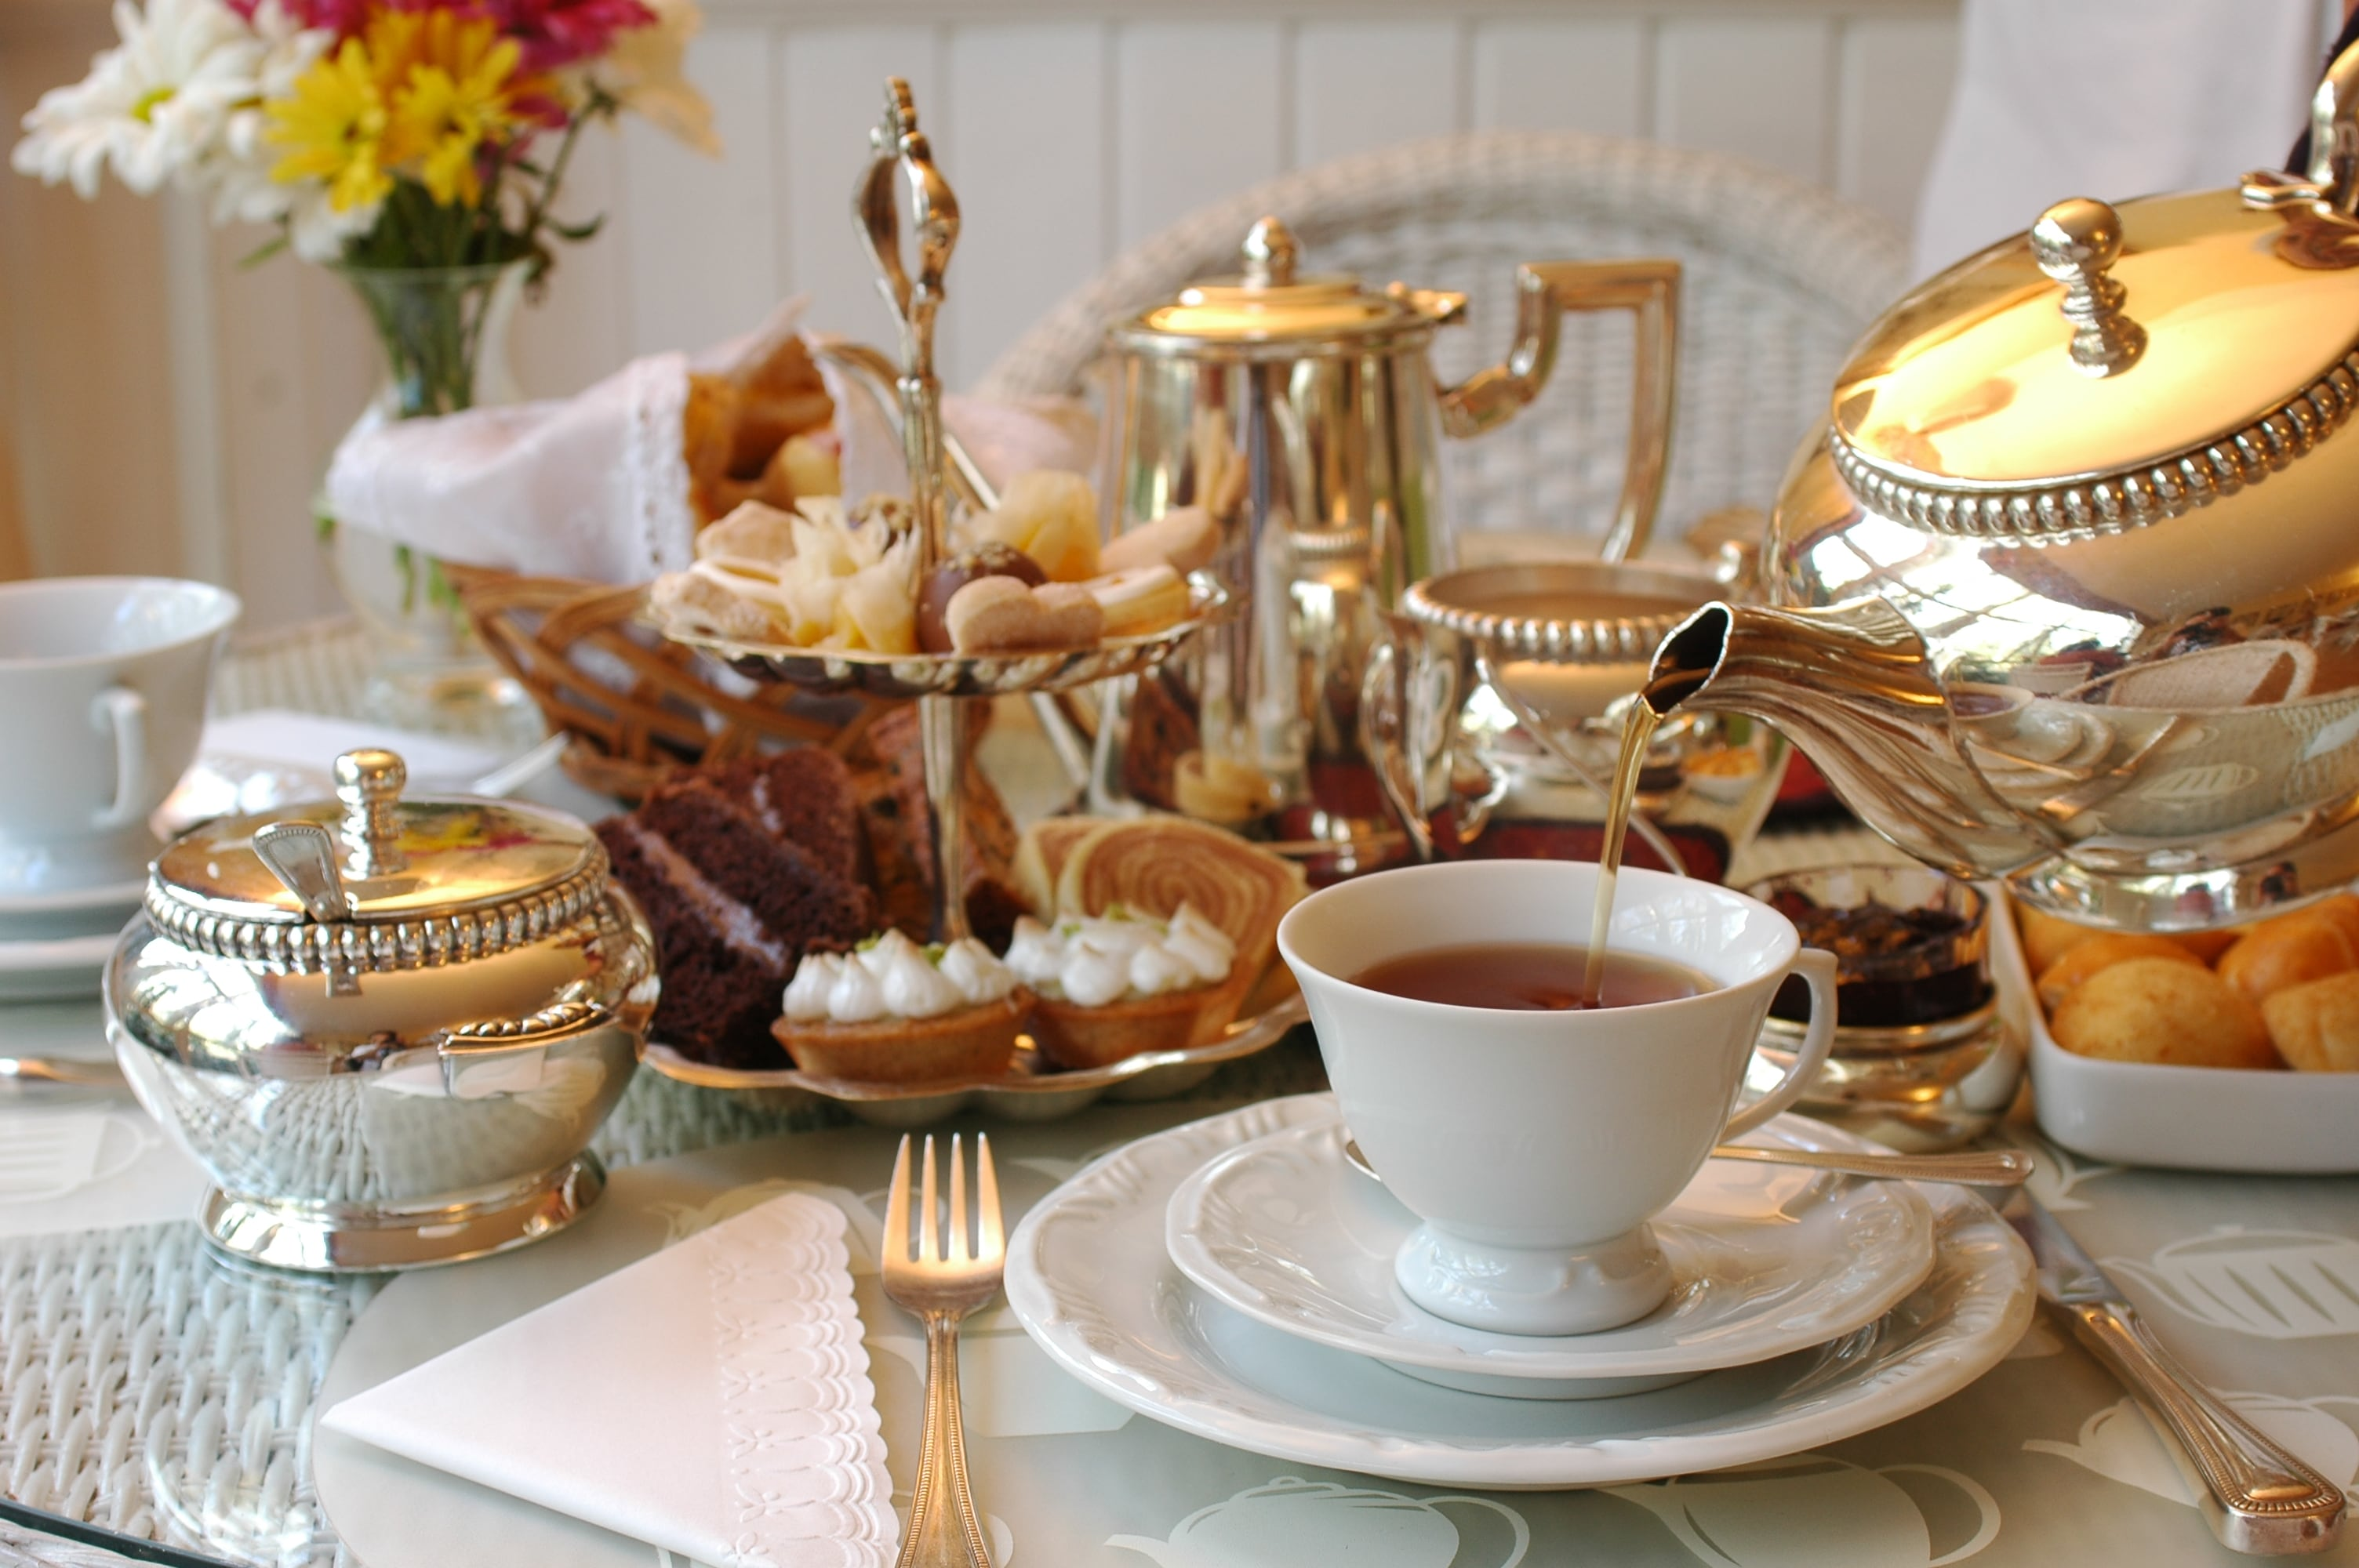 Edensor Tea Cottage for Mothers Day afternoon tea